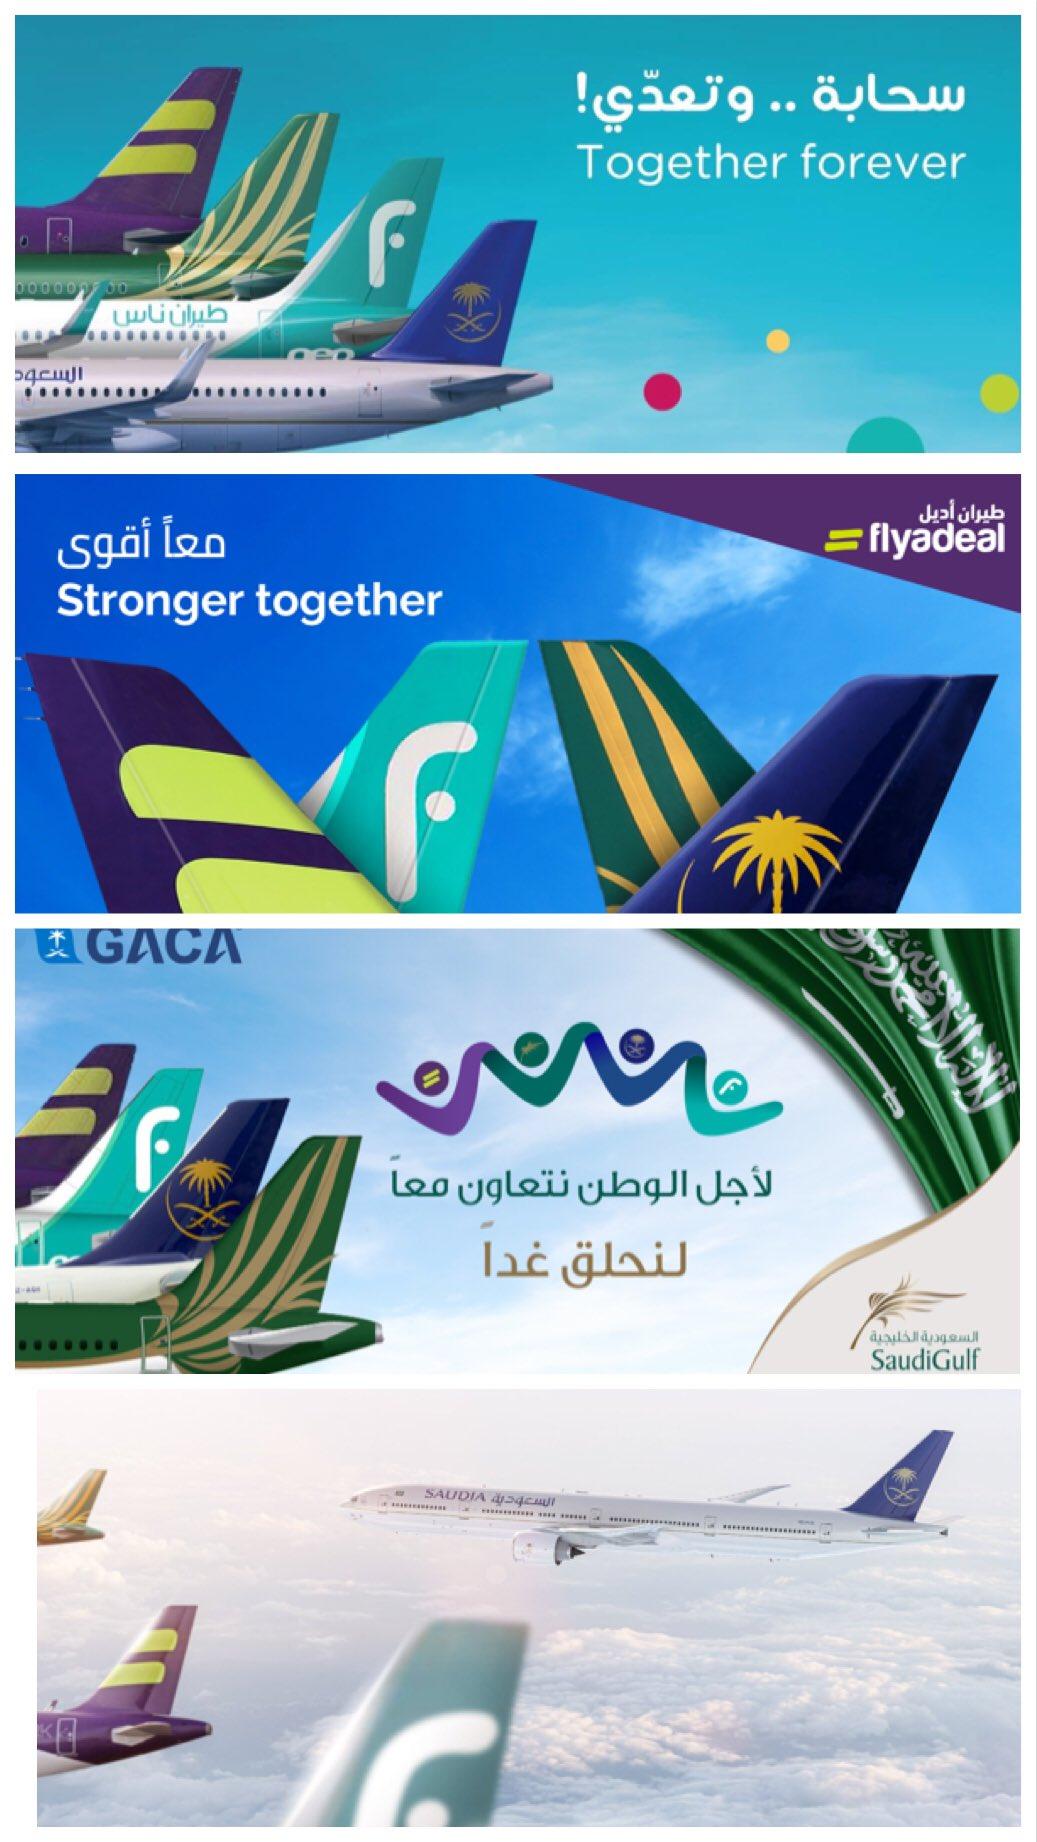 شركات الطيران الناقلة في السعودية بصوت واحد معاً : سحابة وتعدي